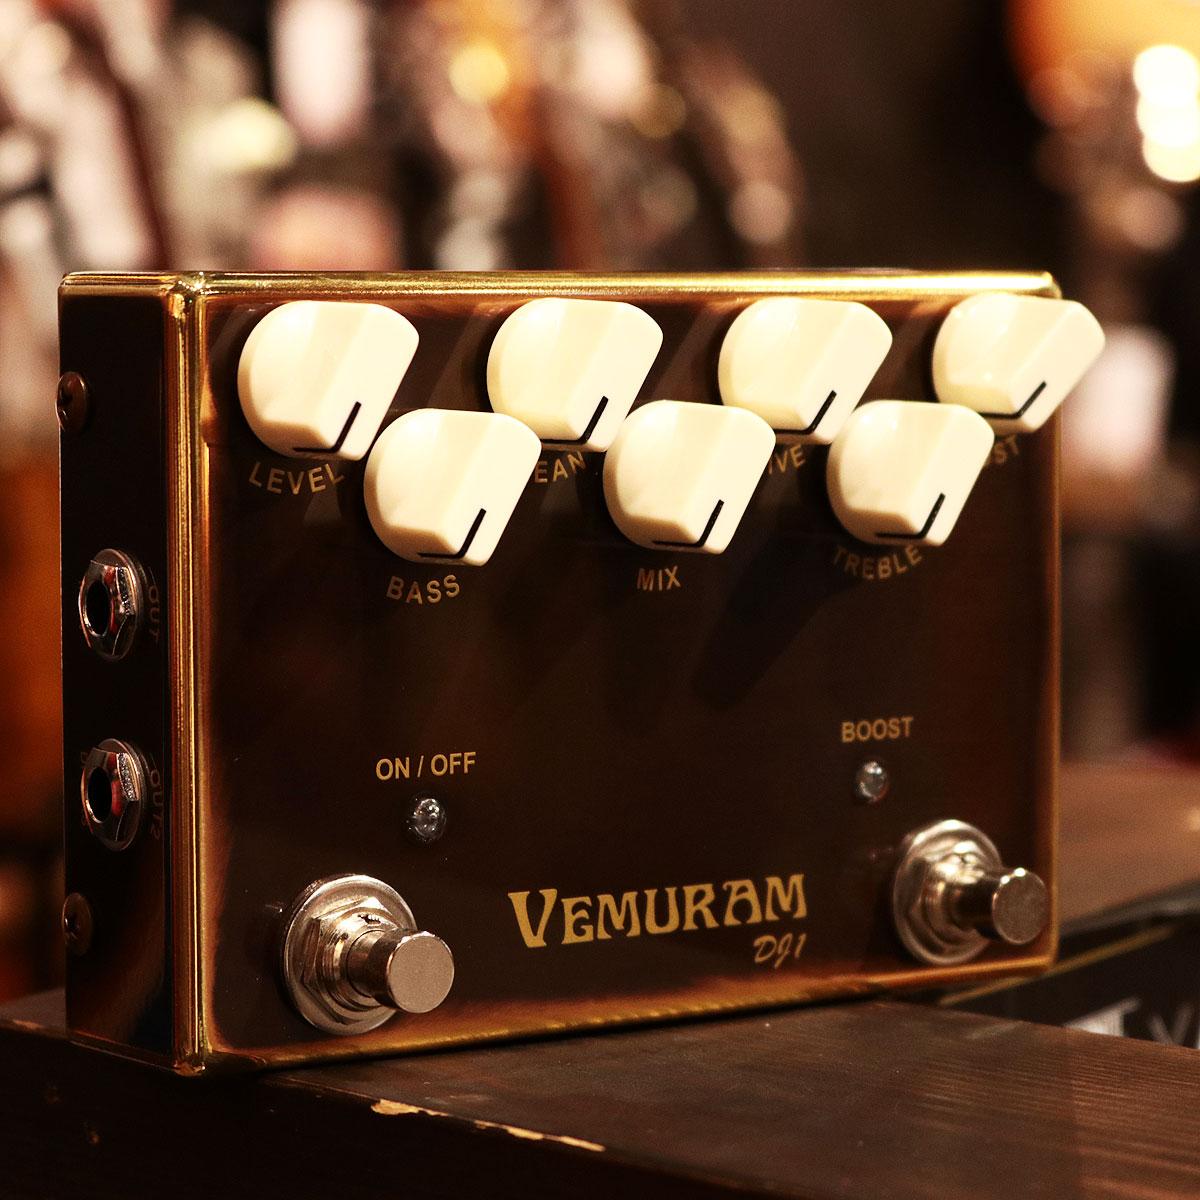 VEMURAM / DJ1 ベムラム ベース オーバードライブ【渋谷店】